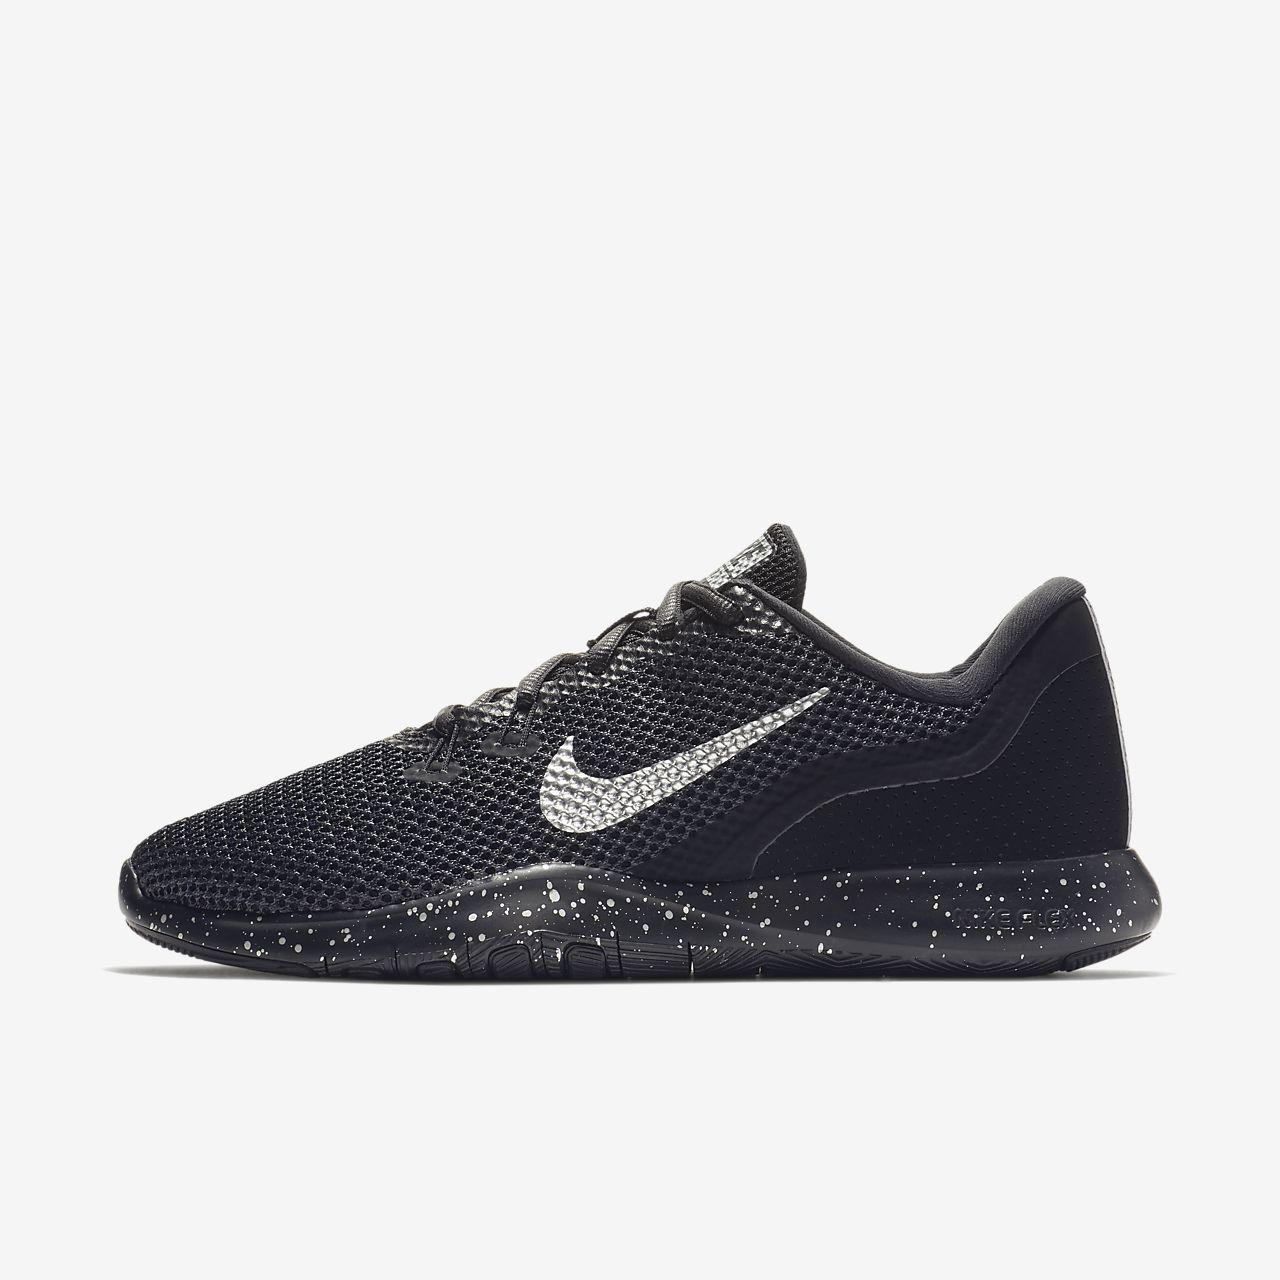 c91124acb41 Nike Flex TR 7 Premium Women s Training Shoe. Nike.com GB